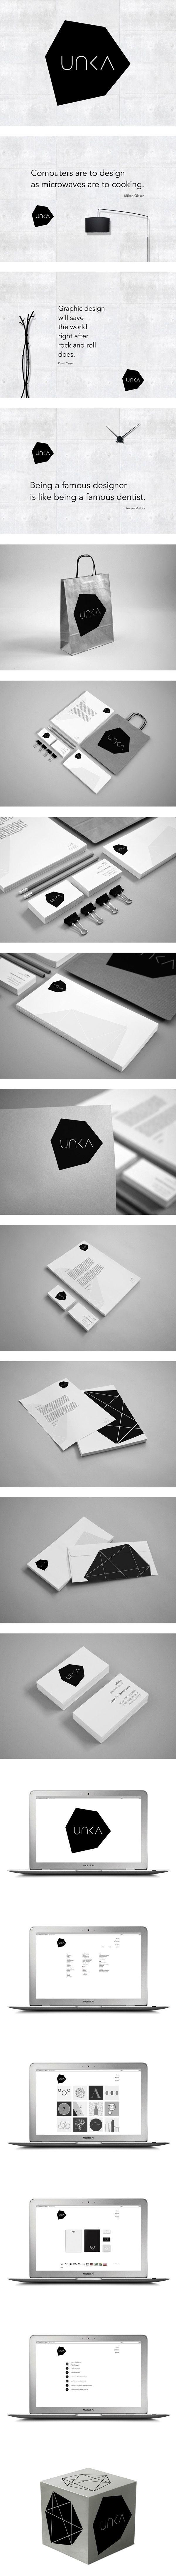 UNKA by Ven Klement, via Behance | #stationary #corporate #design #corporatedesign #identity #branding #marketing < repinned by www.BlickeDeeler.de | Take a look at www.LogoGestaltung-Hamburg.de